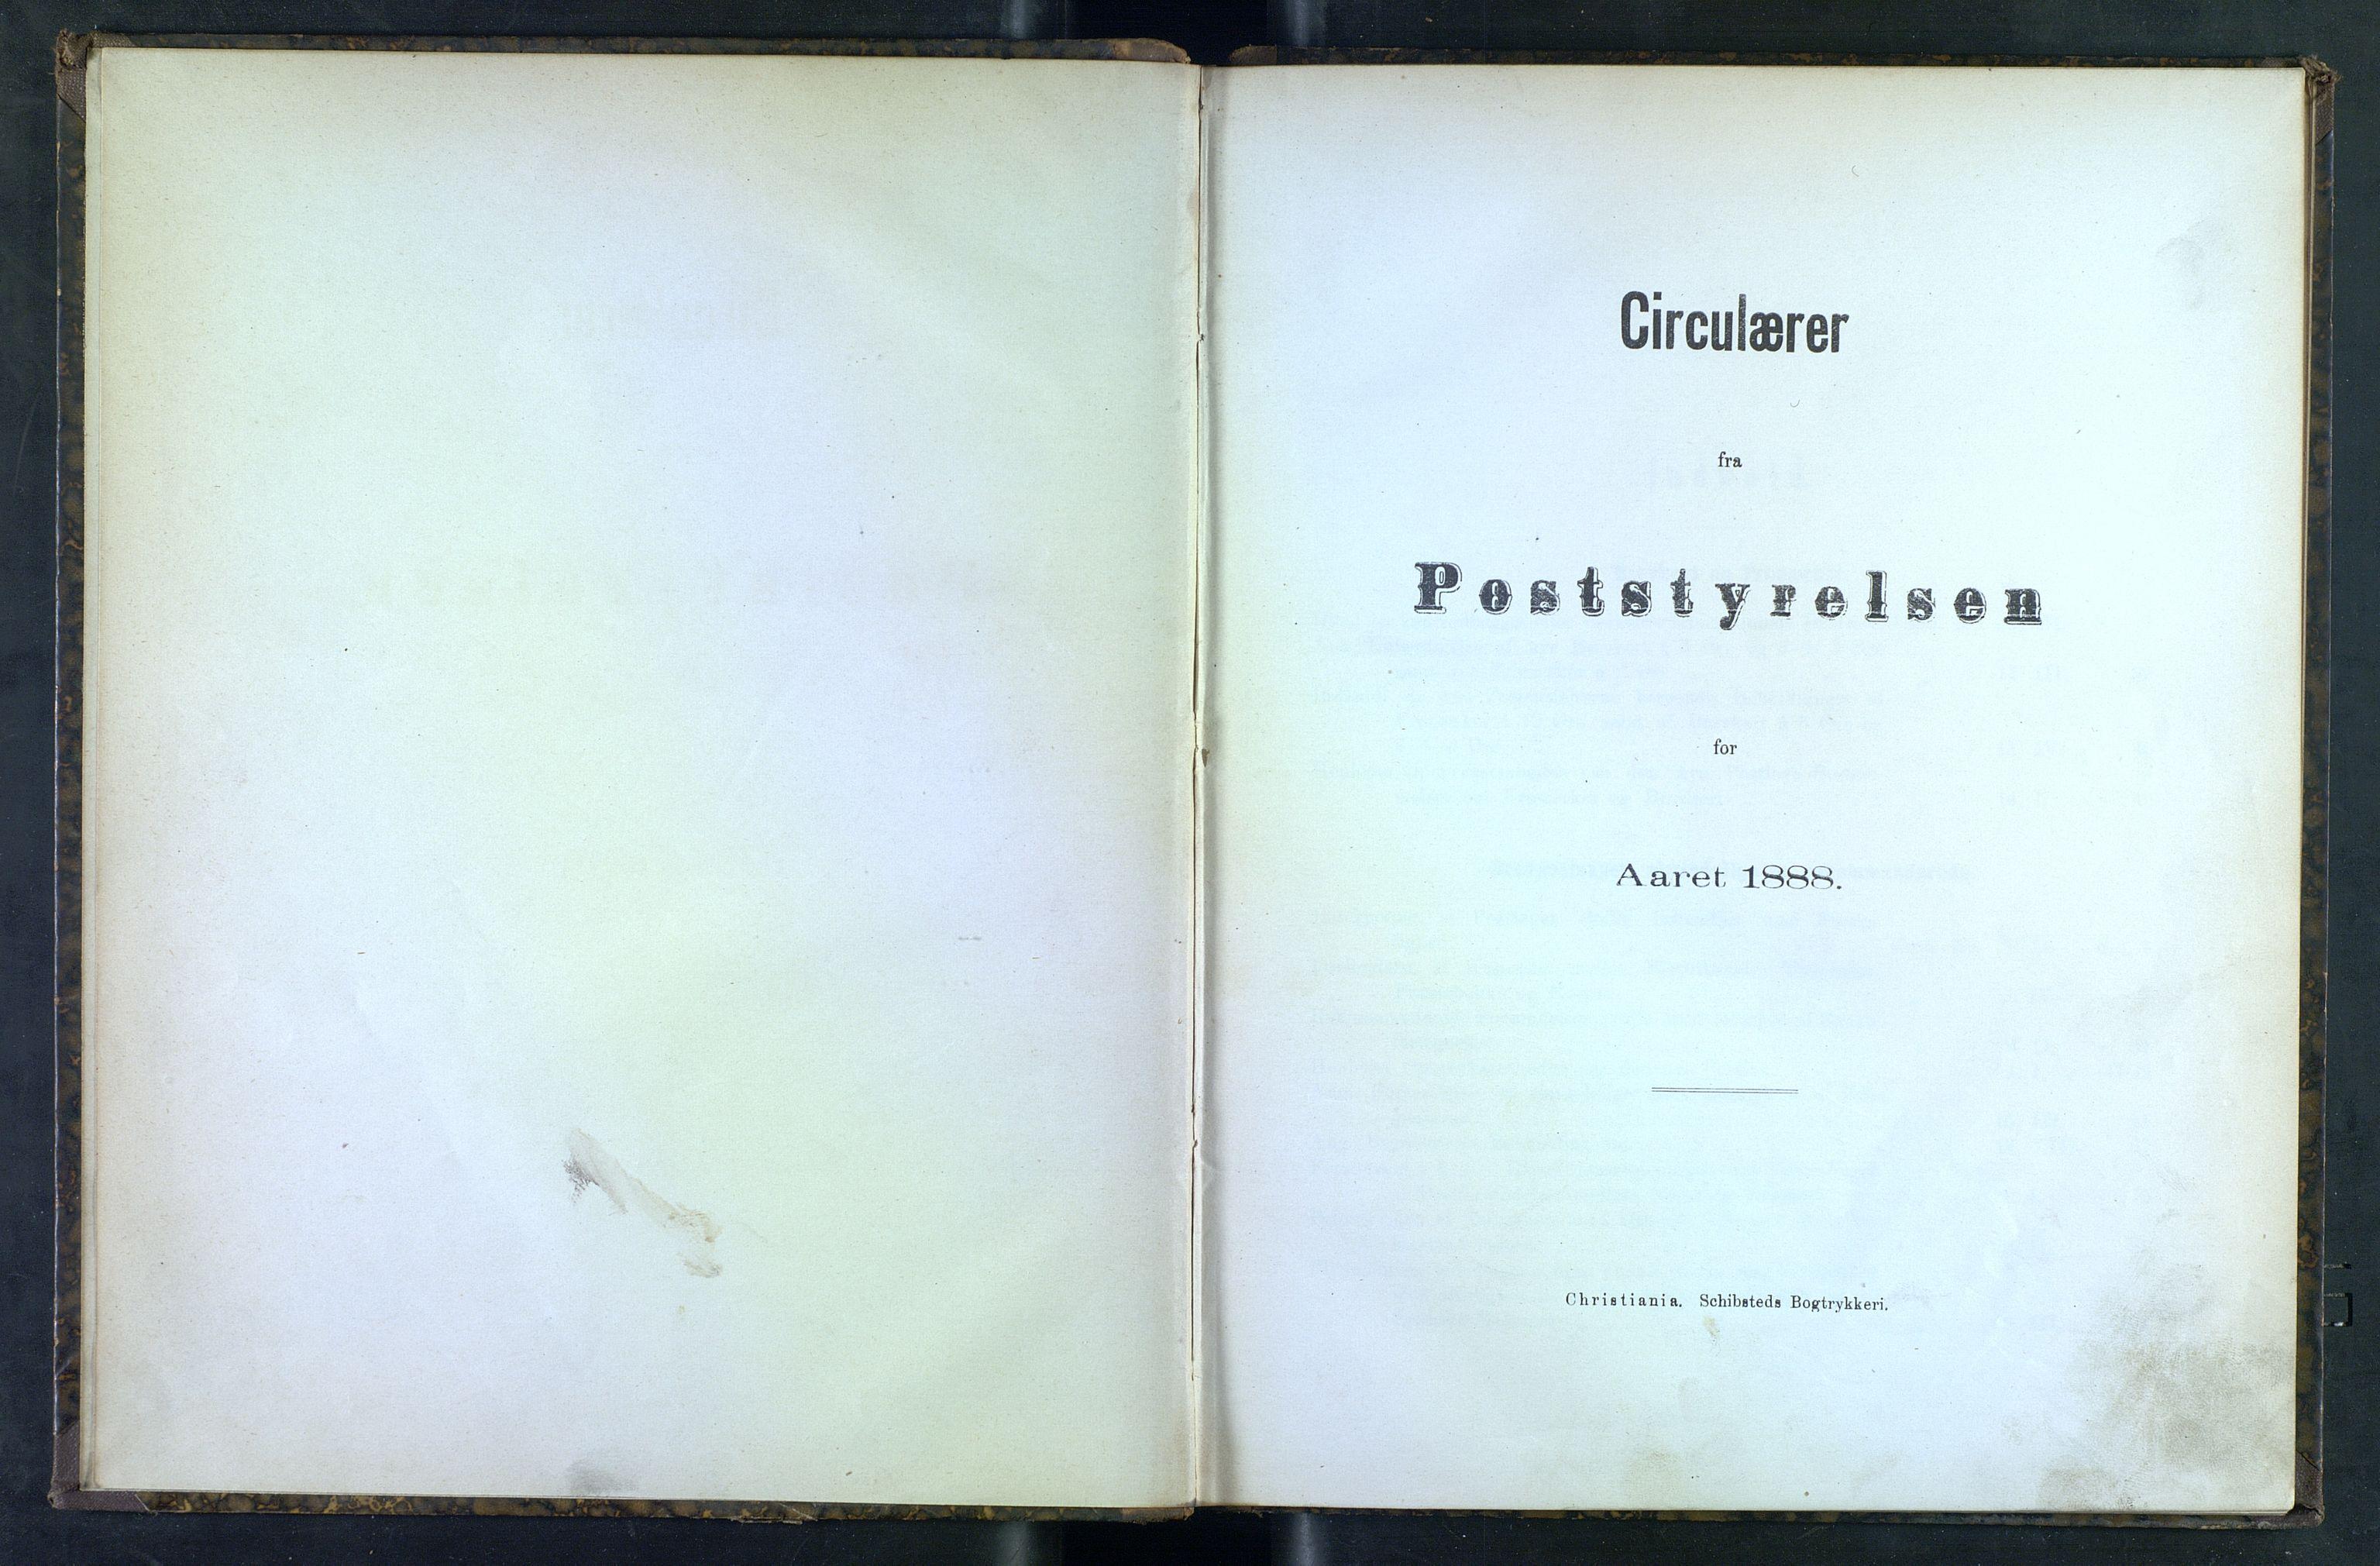 NOPO, Norges Postmuseums bibliotek, -/-: Sirkulærer fra Poststyrelsen, 1888